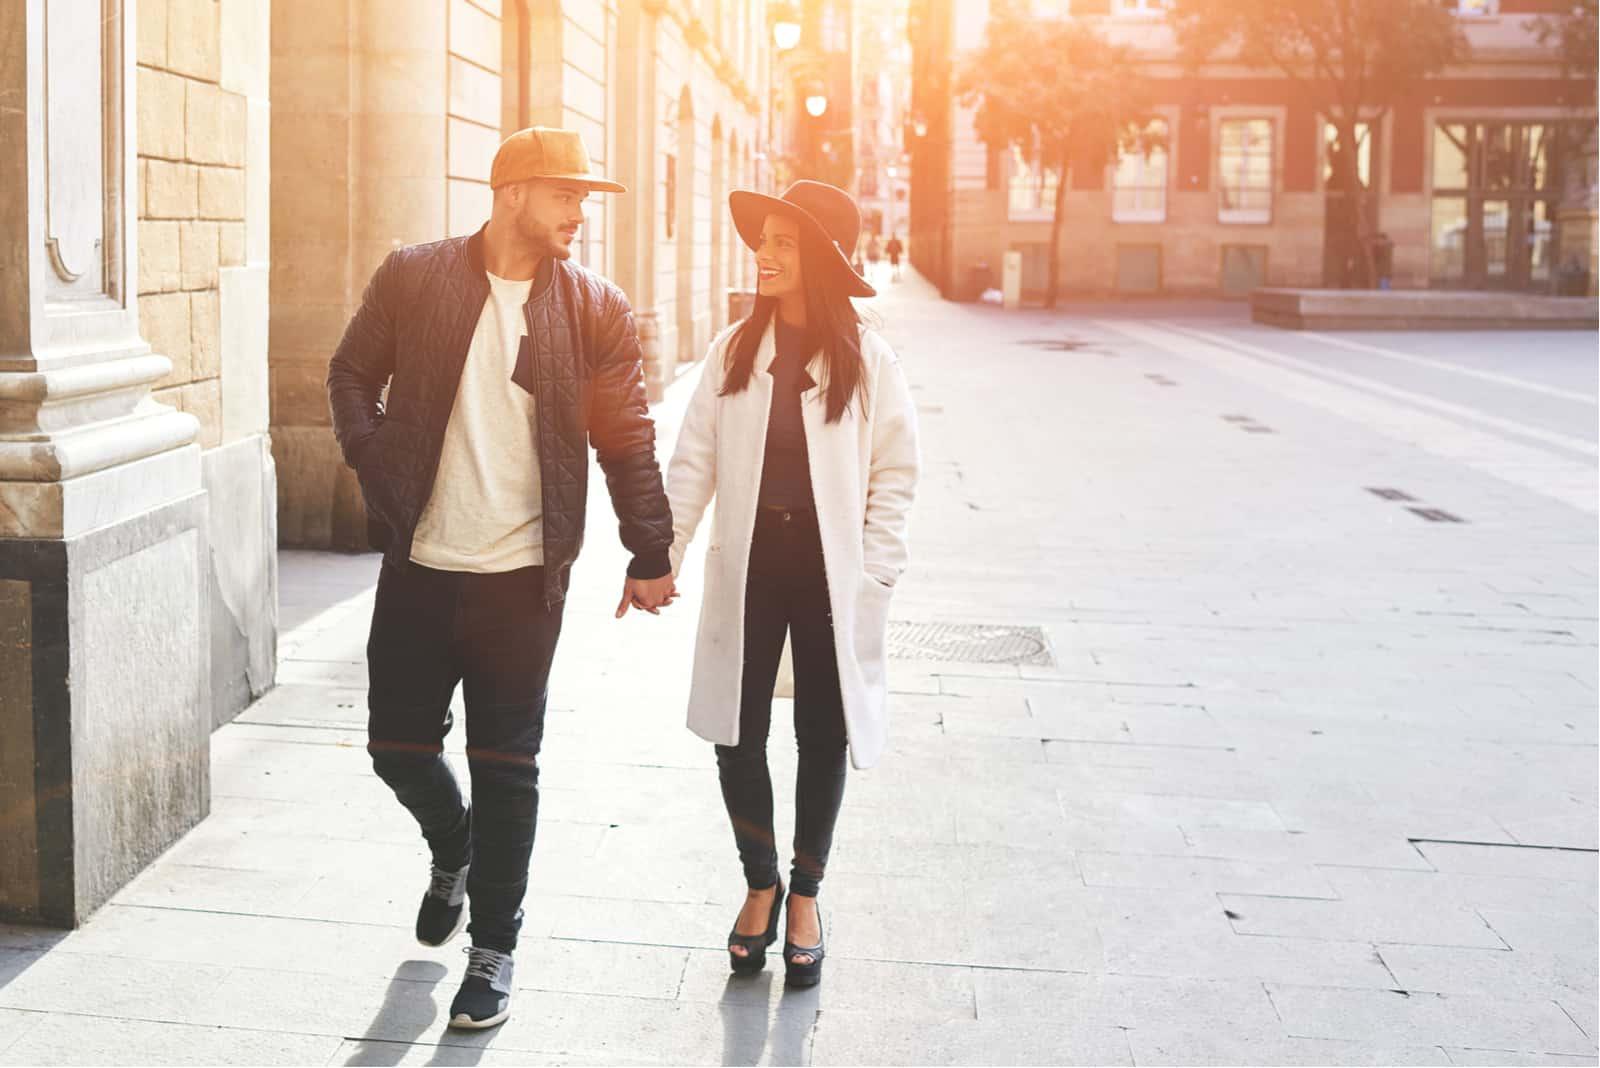 ein Mann und eine Frau gehen die Straße entlang